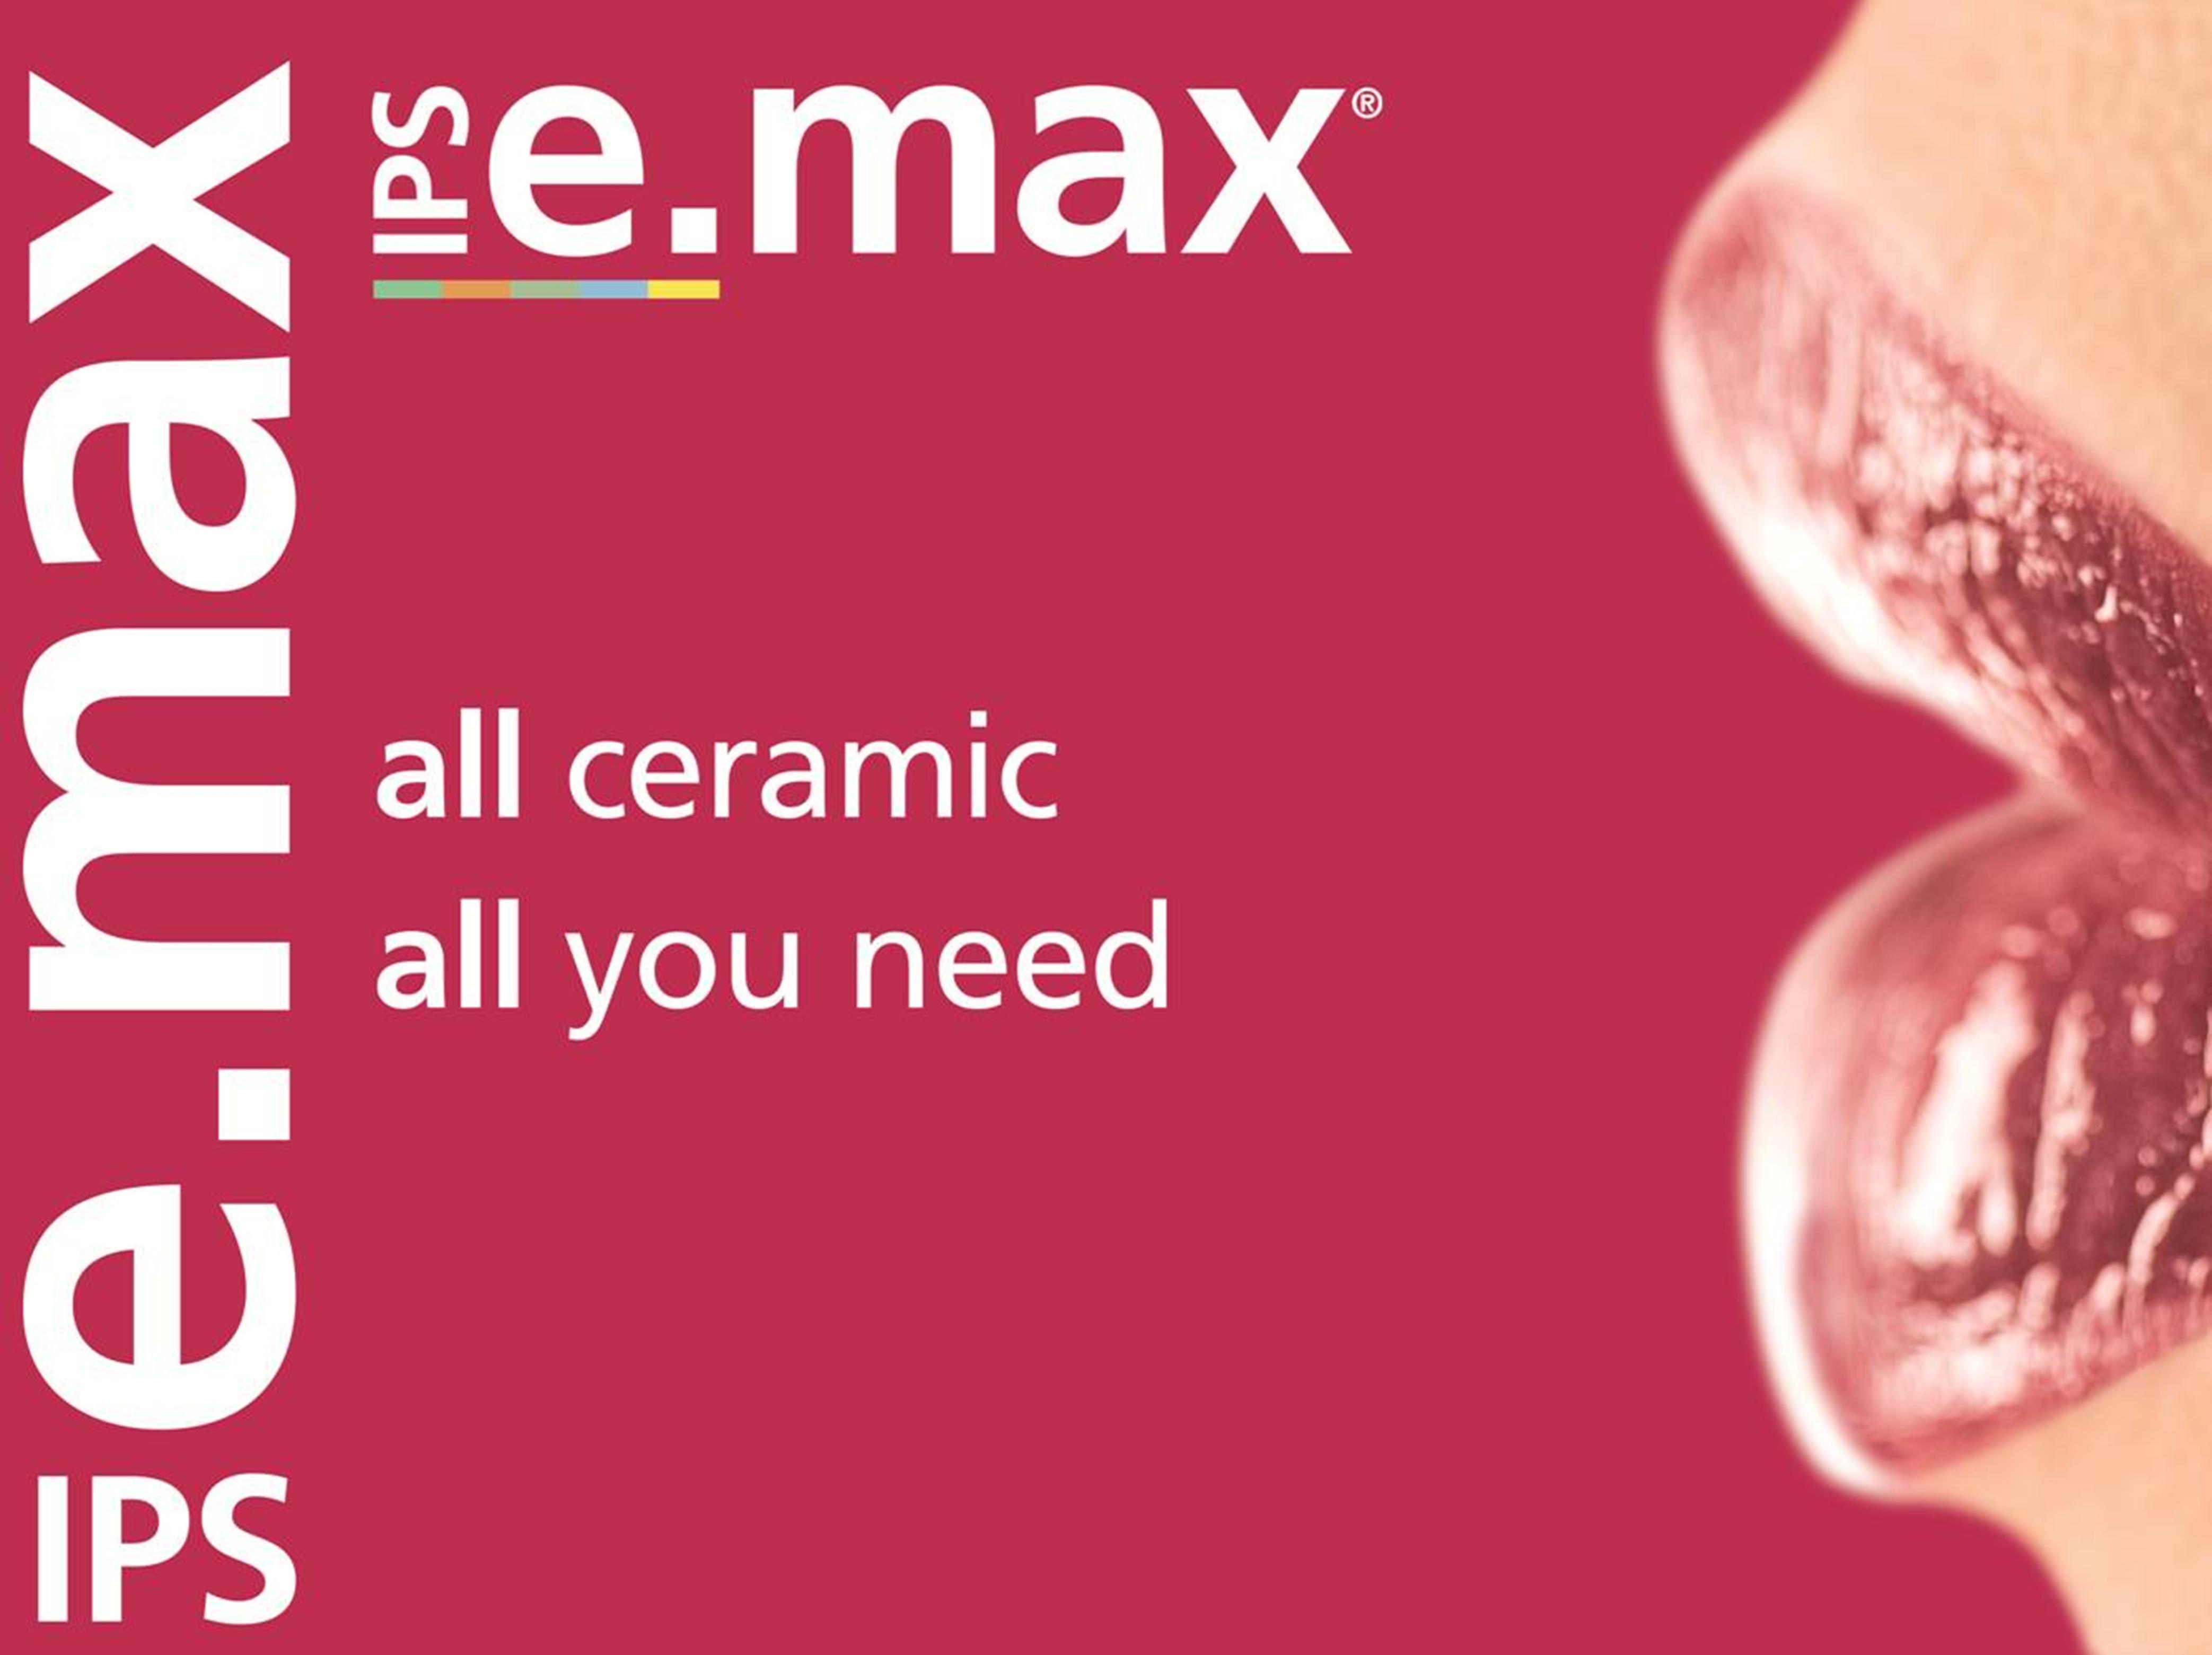 ivoclar-e.max-logo